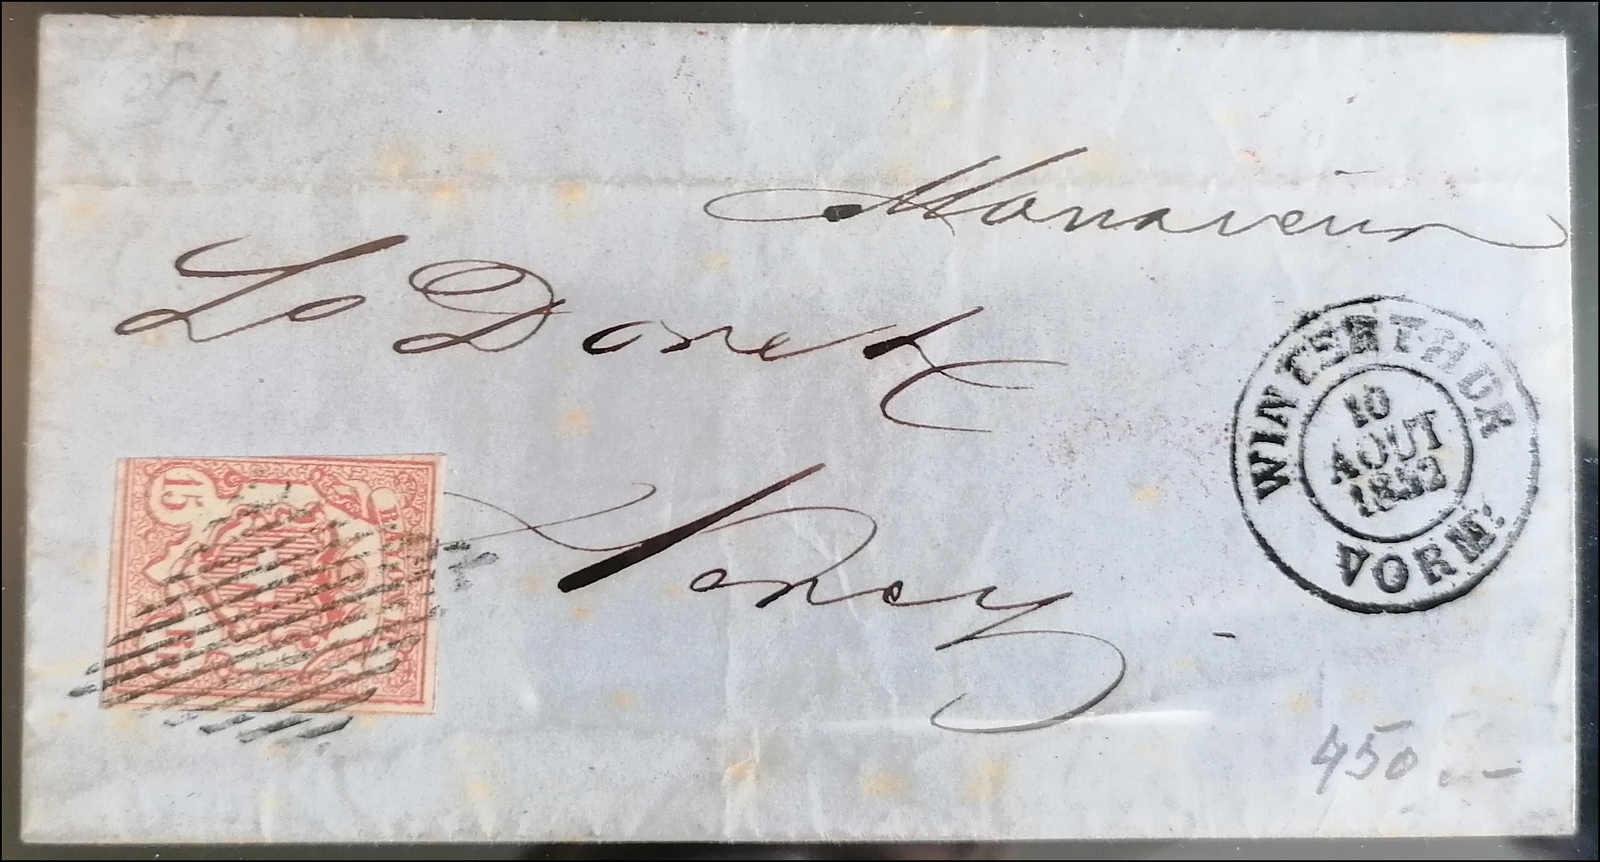 Lot 71 - sammlungen und posten sammlungen und posten altschweiz -  Rolli Auctions Auction #68 Day 1